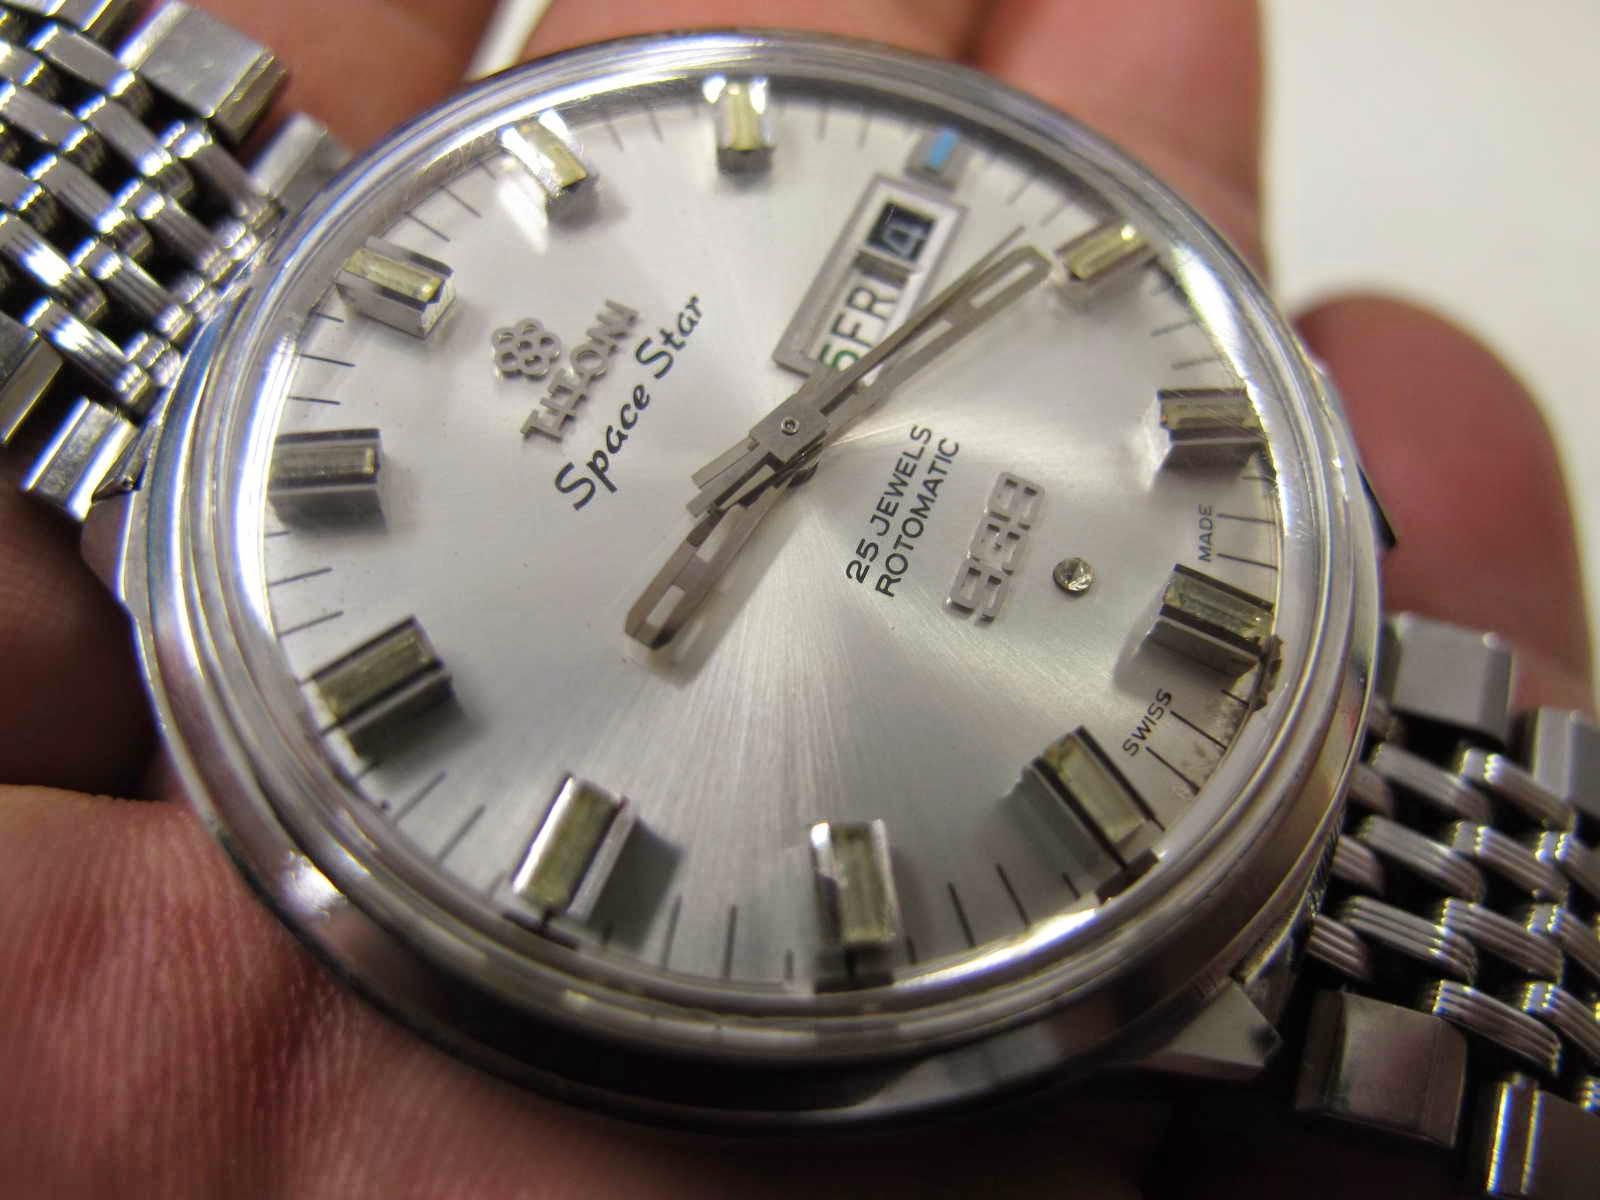 Tebal case 11 mm dan lebar lug 18 mm Cocok untuk Anda yang sedang mencari jam tangan Swiss made TITONI SPACE STAR 939 dengan mint condition